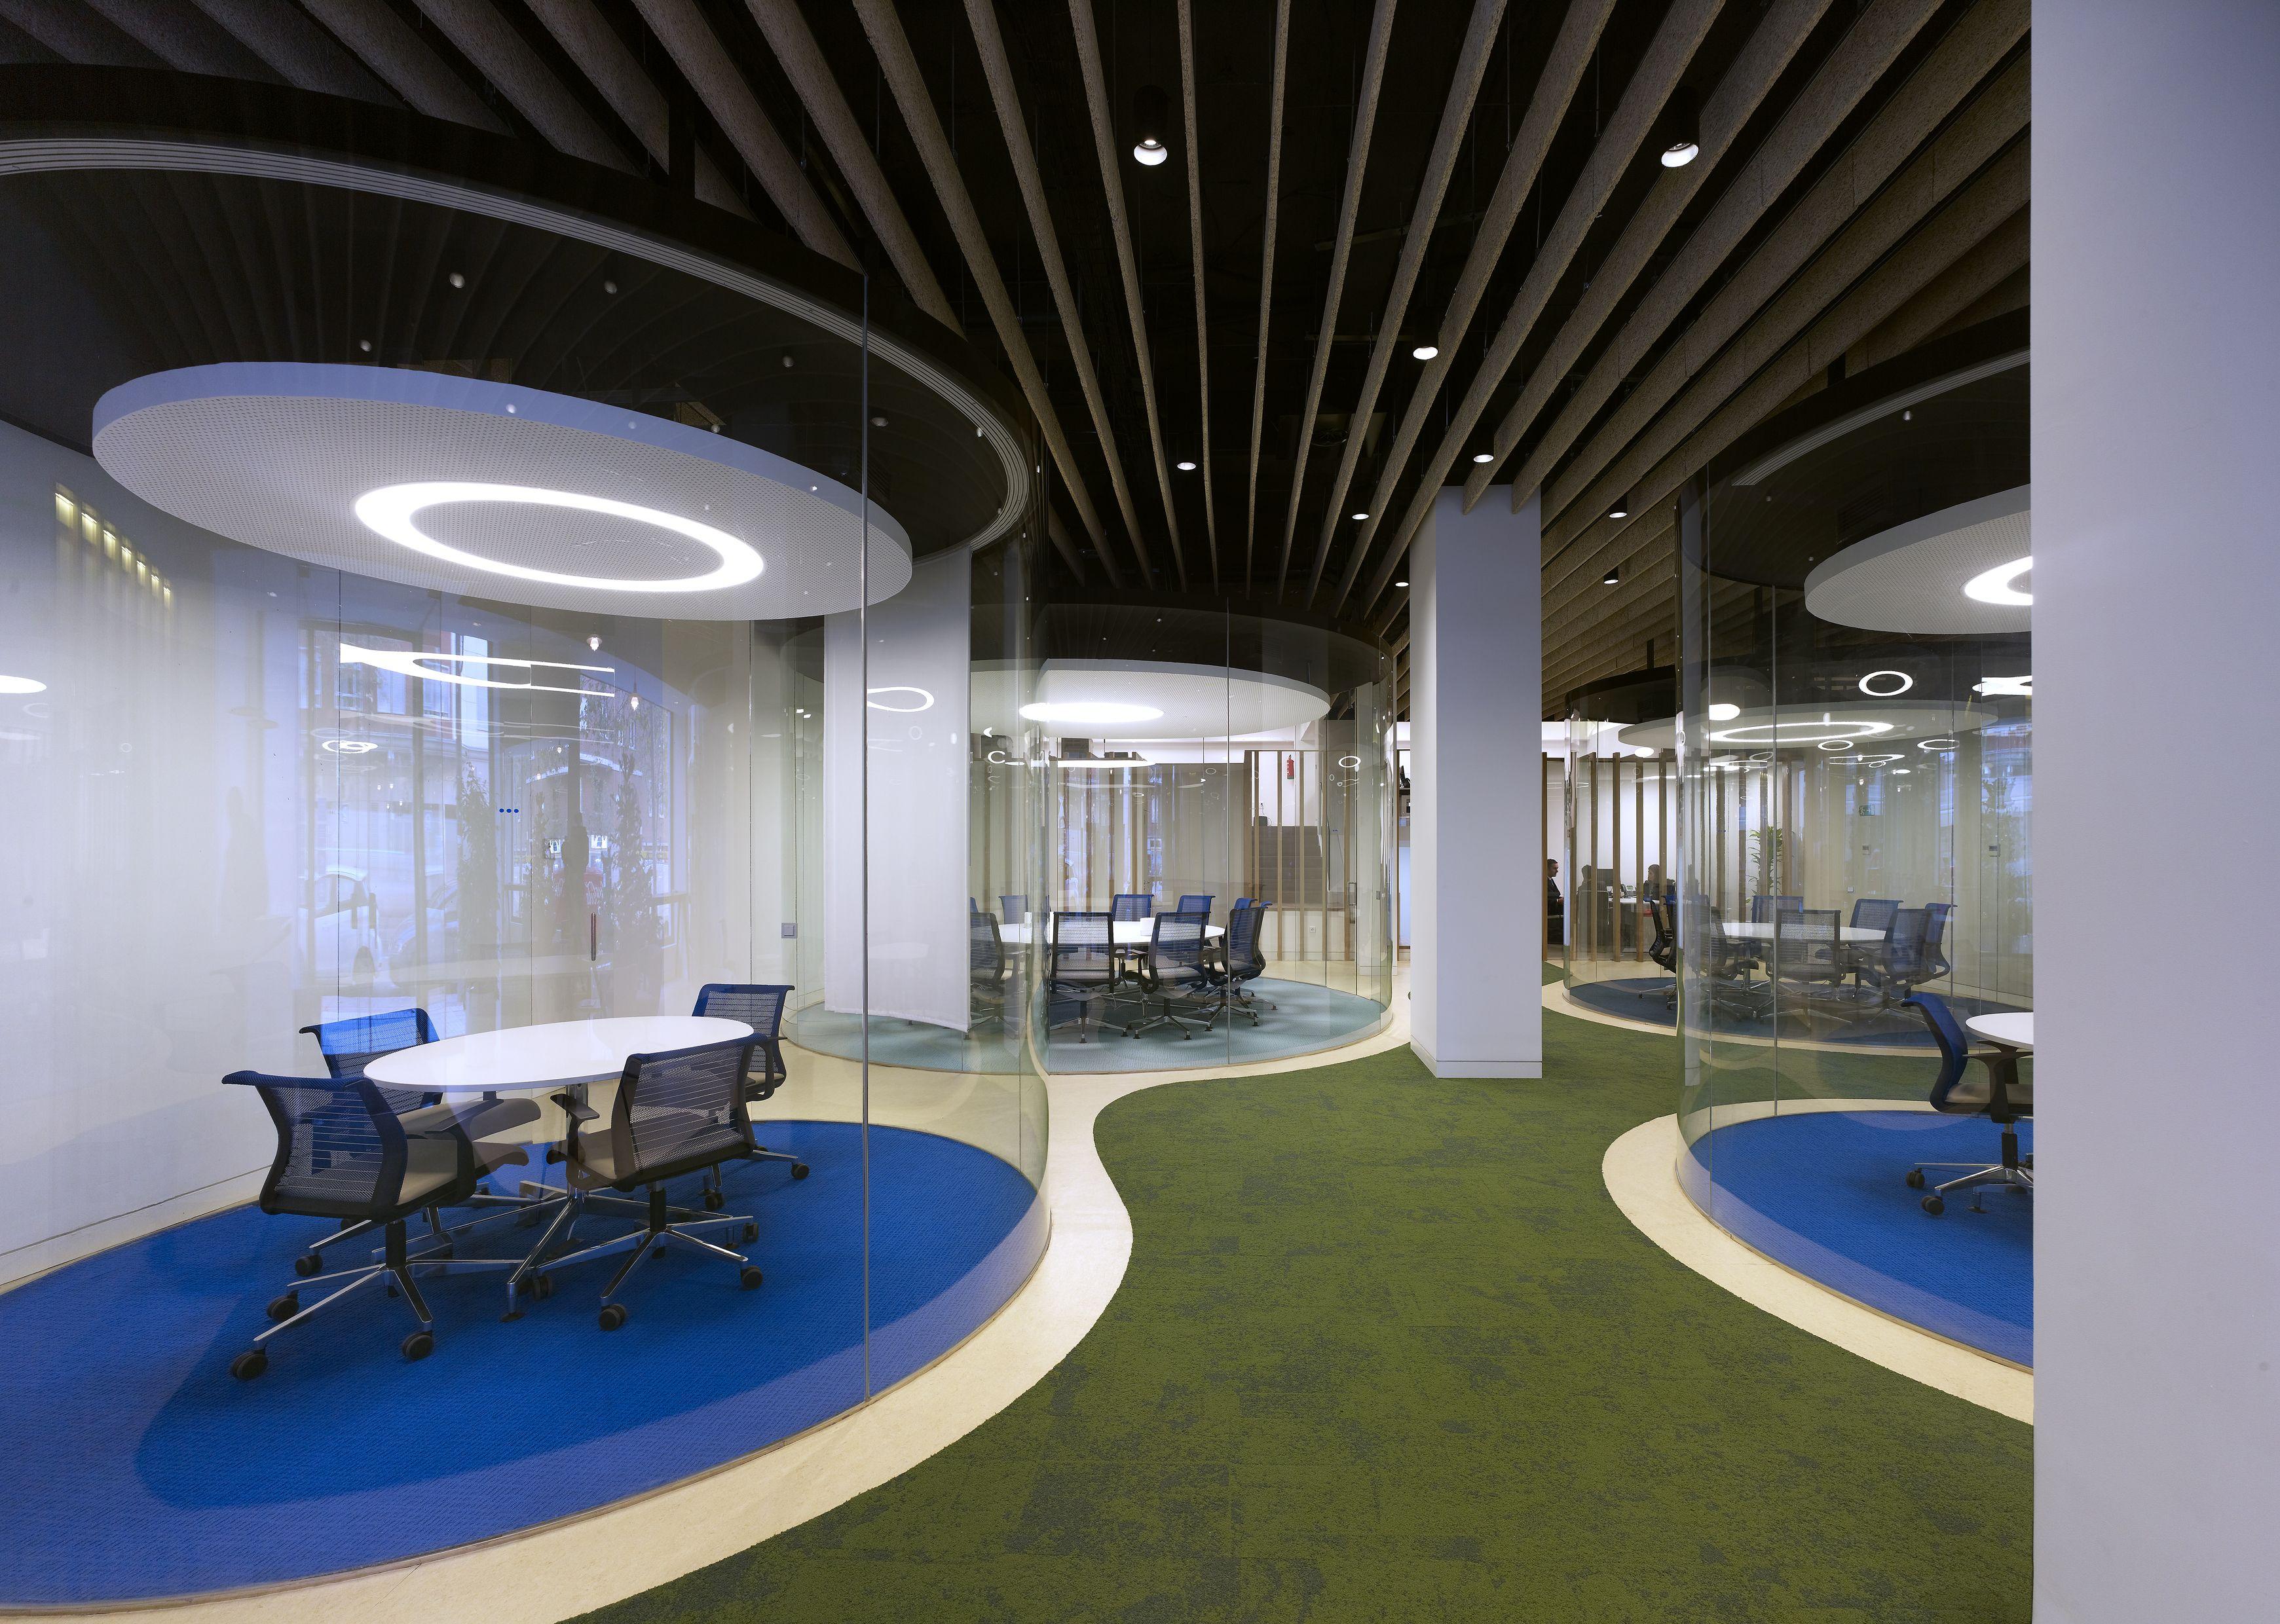 AEGON Advisor canal Madrid by MVN Arquitectos www.mvn-arquitetos.com